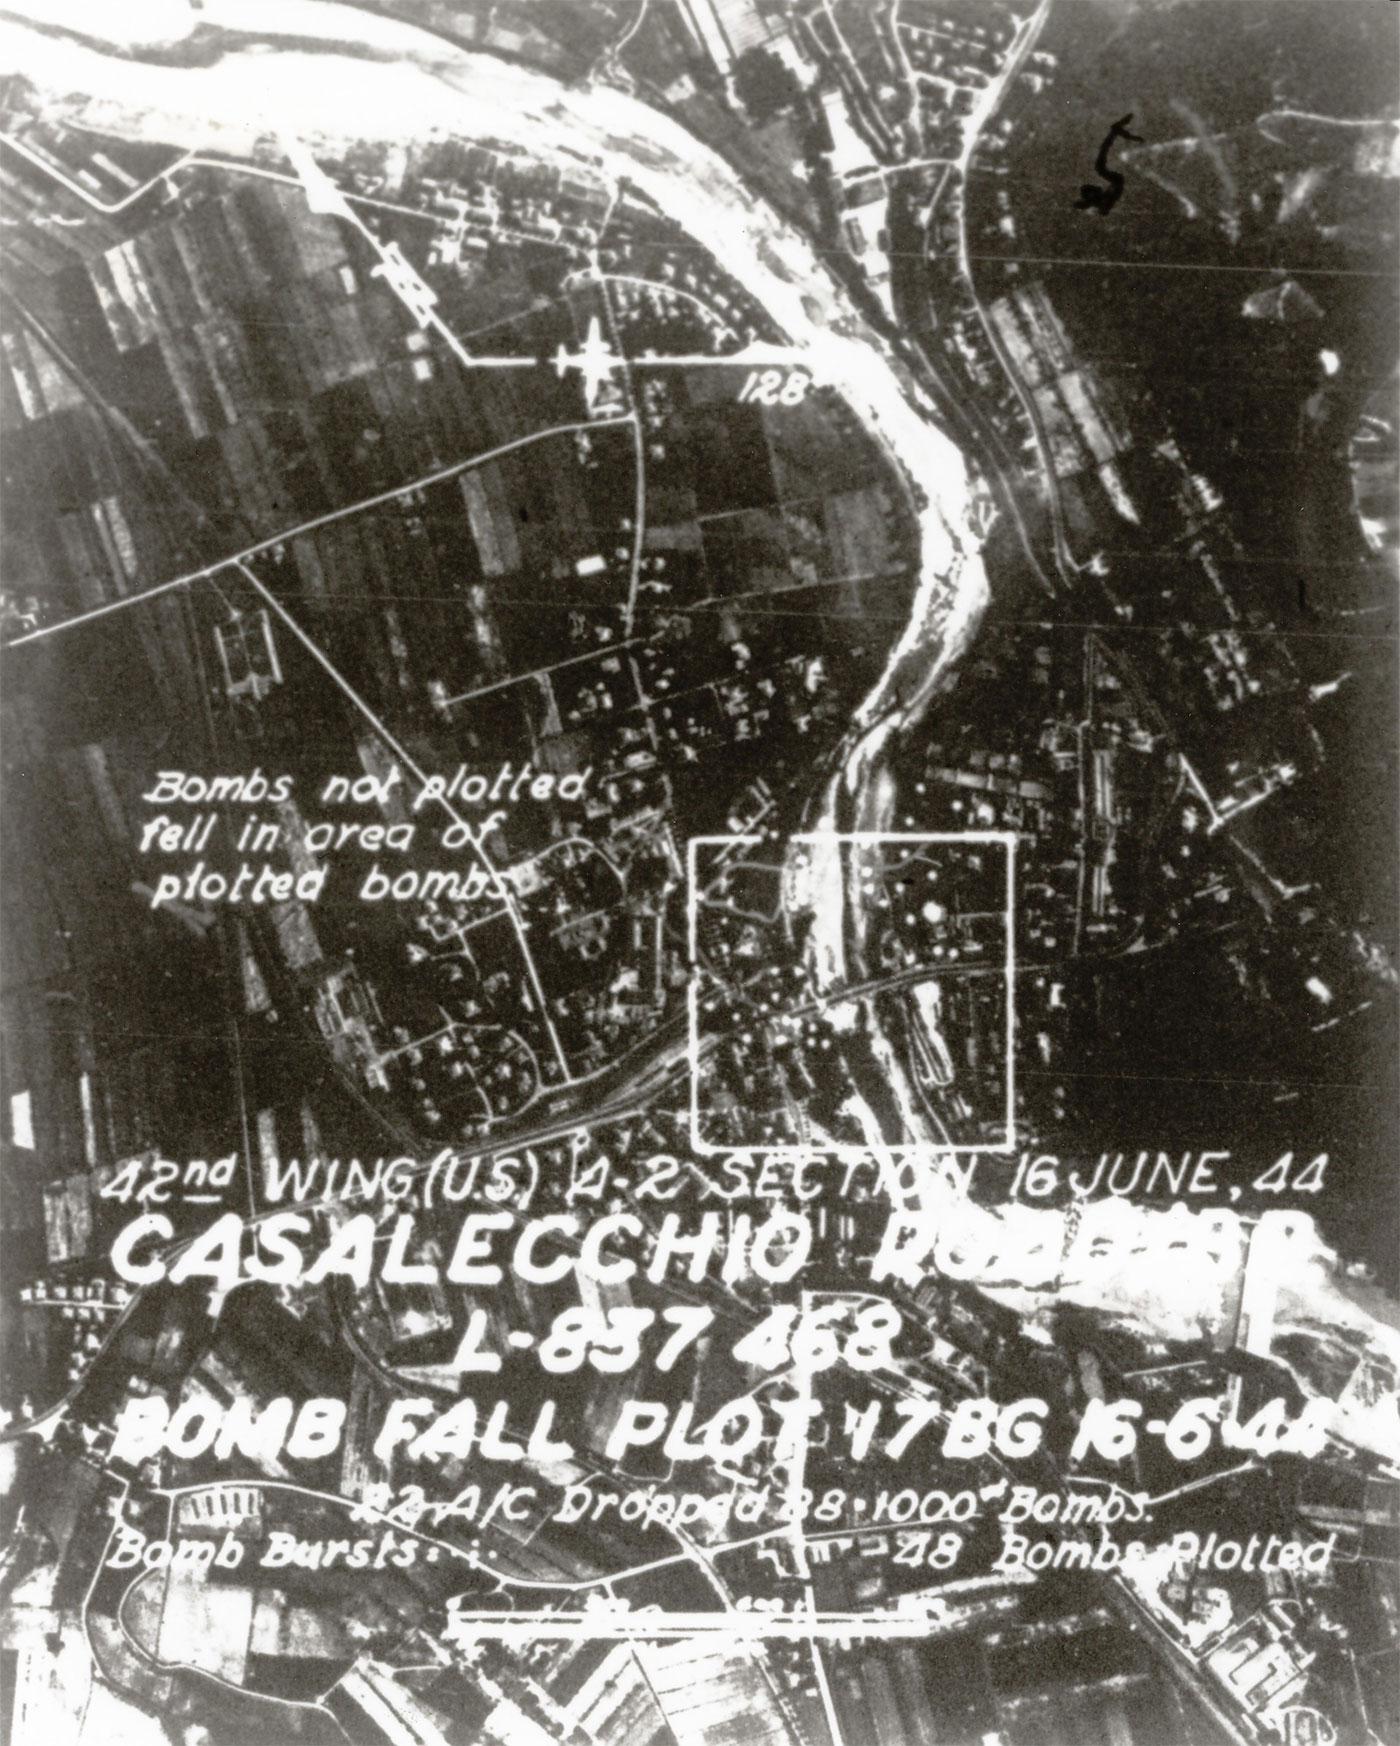 Rapporto dell'incursione aerea del 16 giugno 1944,